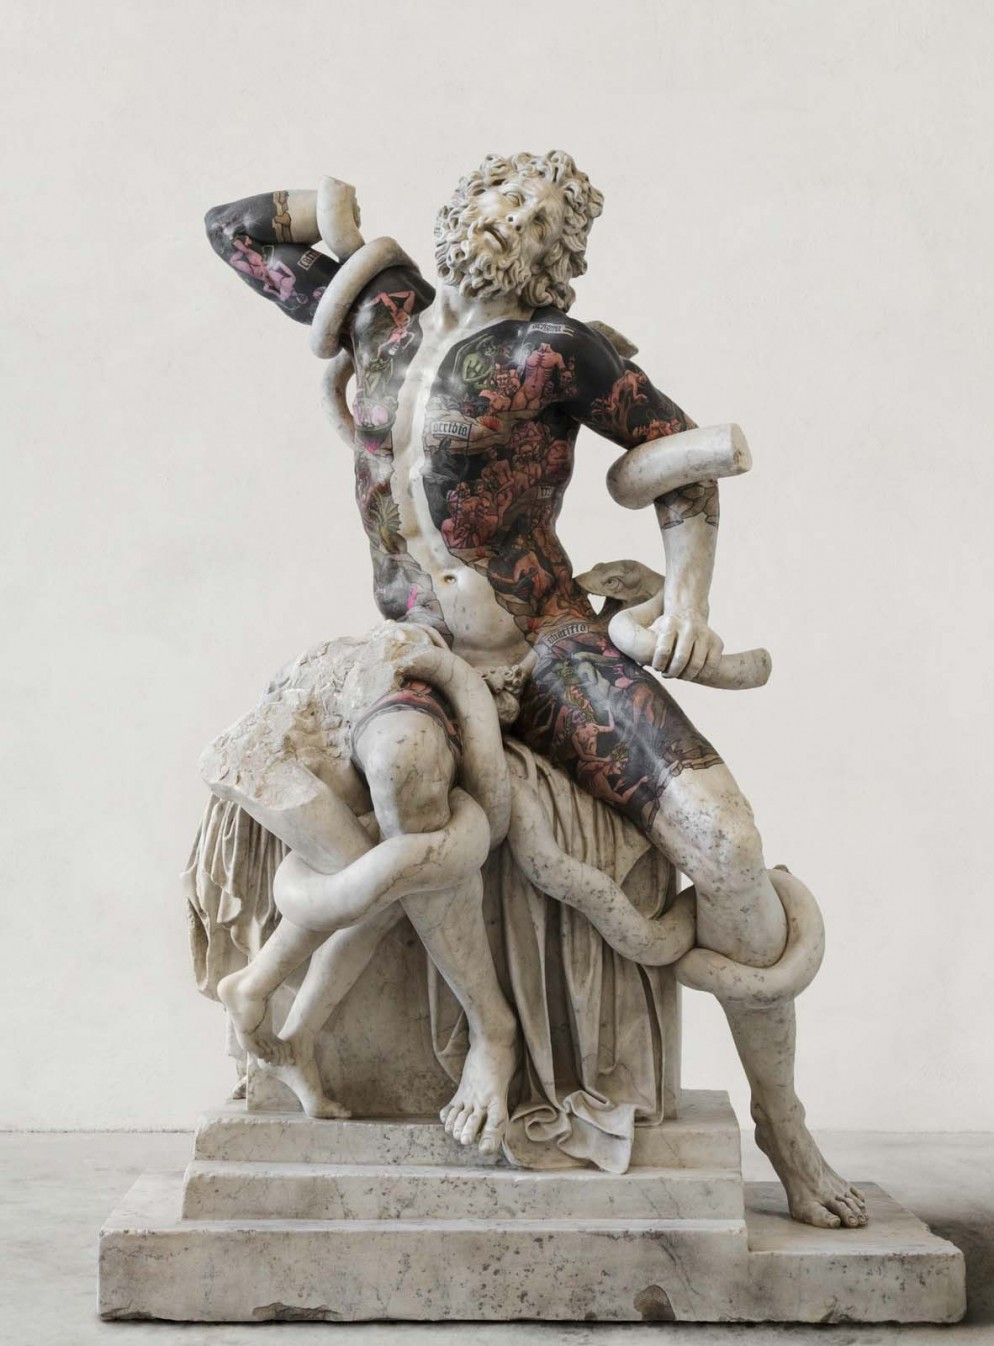 fabio-viale-statue-tatuate-08